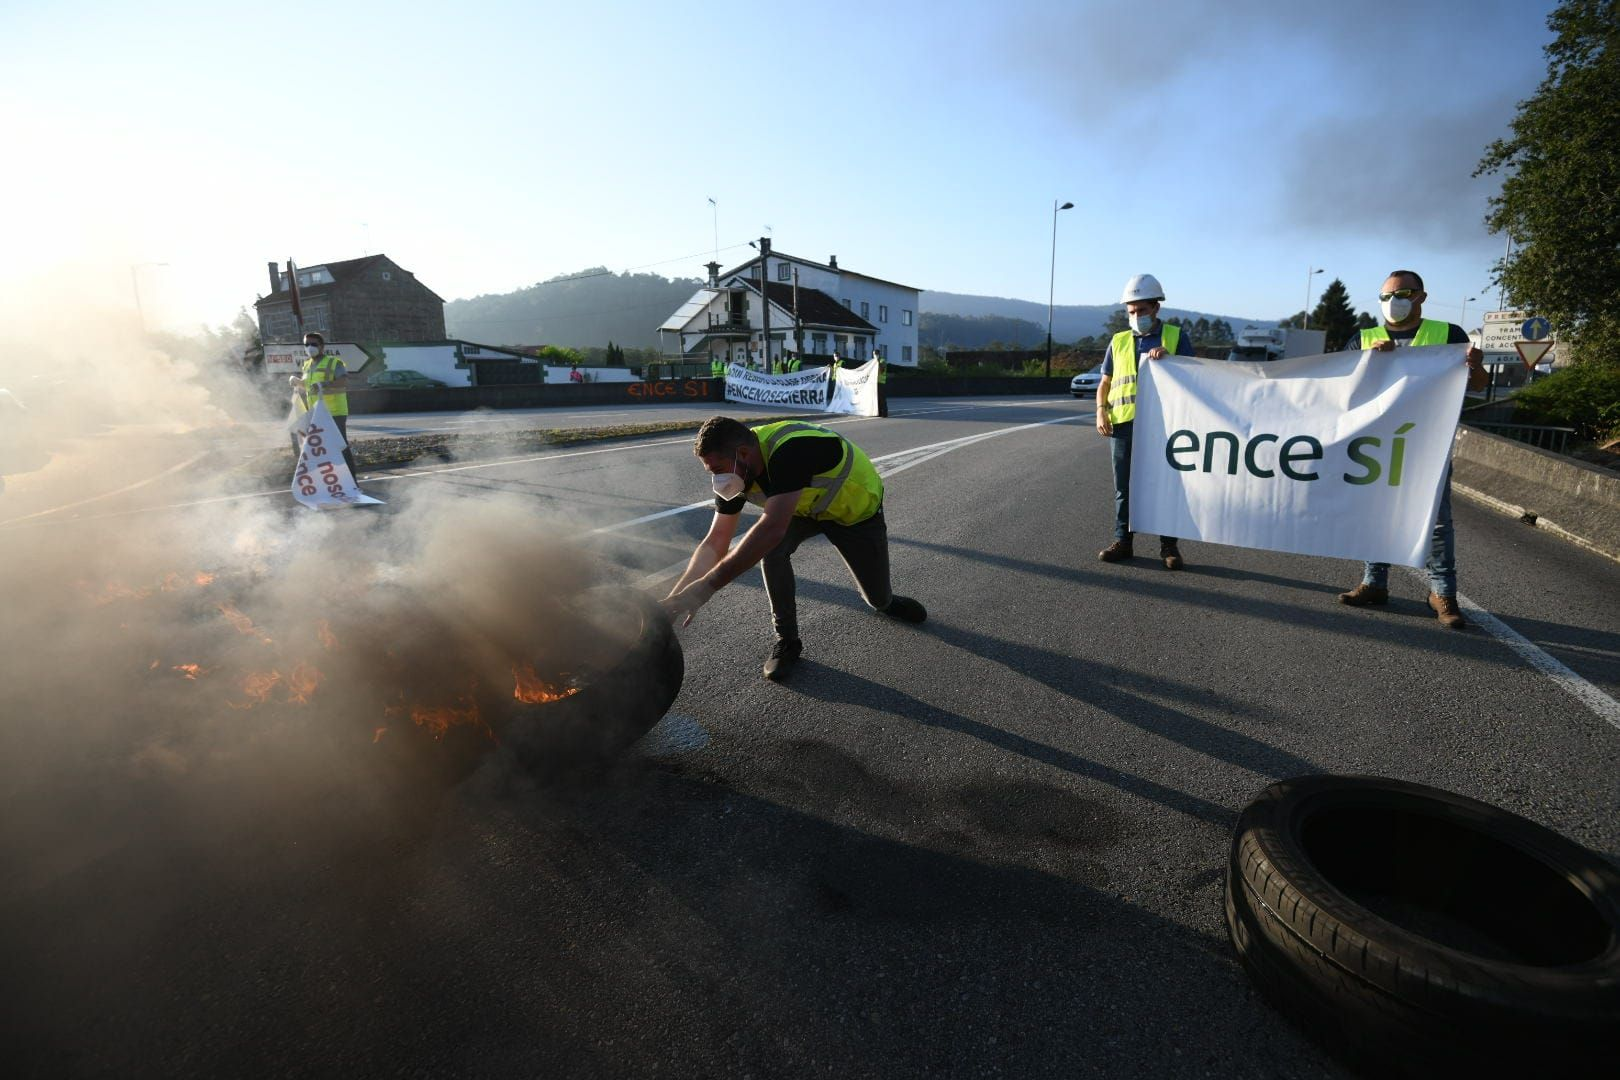 Trabajadores de Ence y auxiliares cortan el tráfico en los accesos a Pontevedra